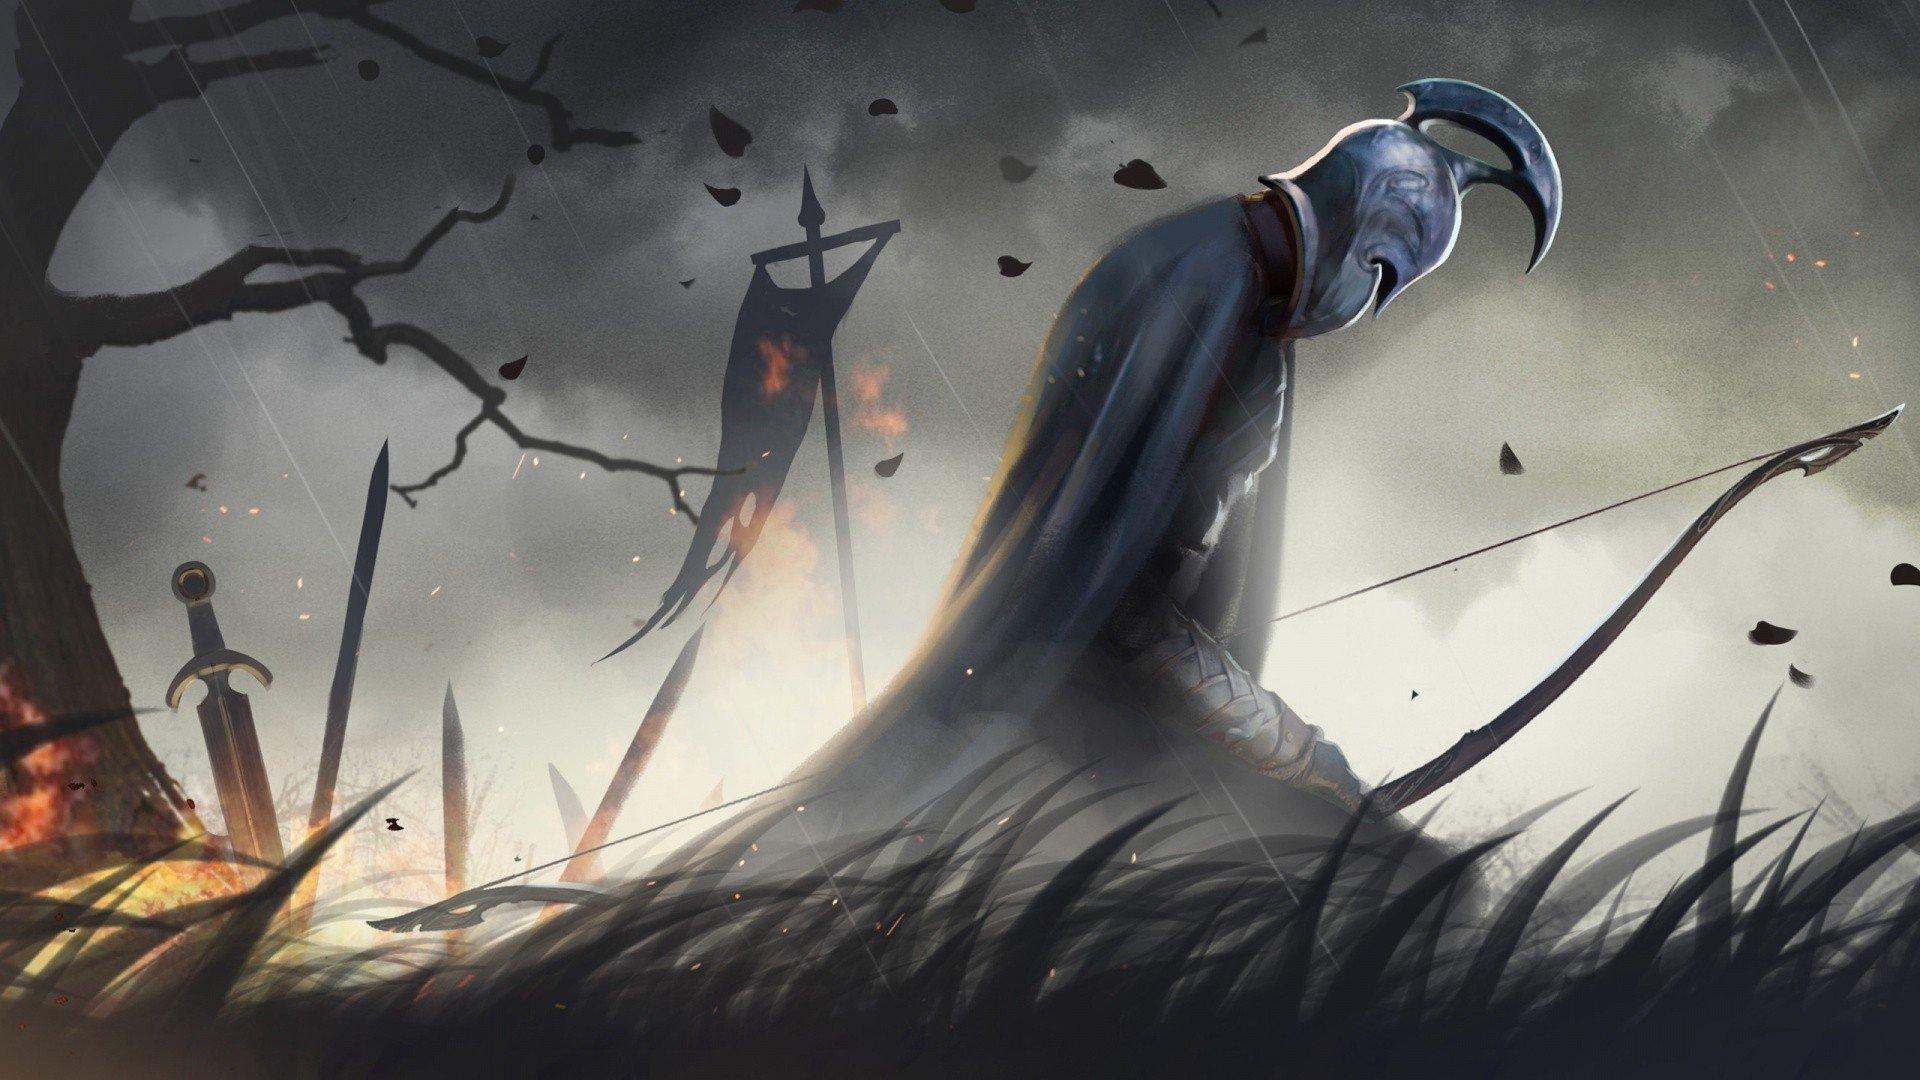 Conheça a continuação de O Senhor dos Anéis que Tolkien começou a escrever